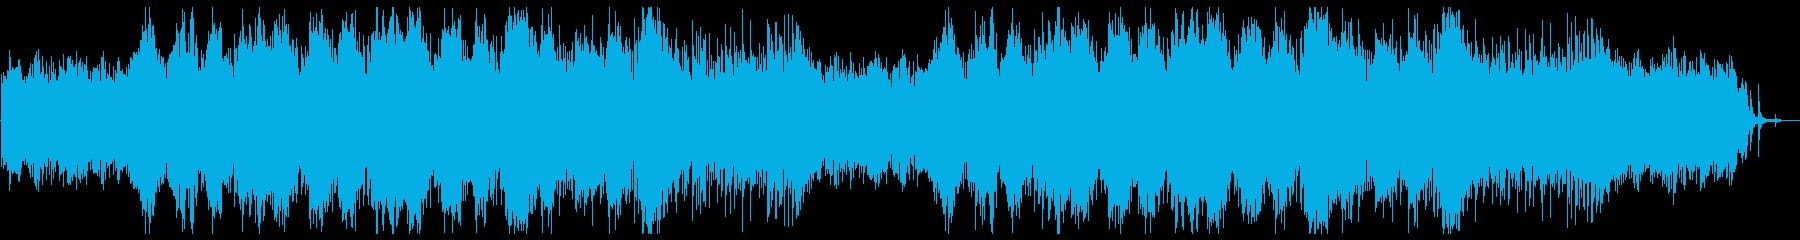 感傷的なシンフォニックテクスチャー。の再生済みの波形